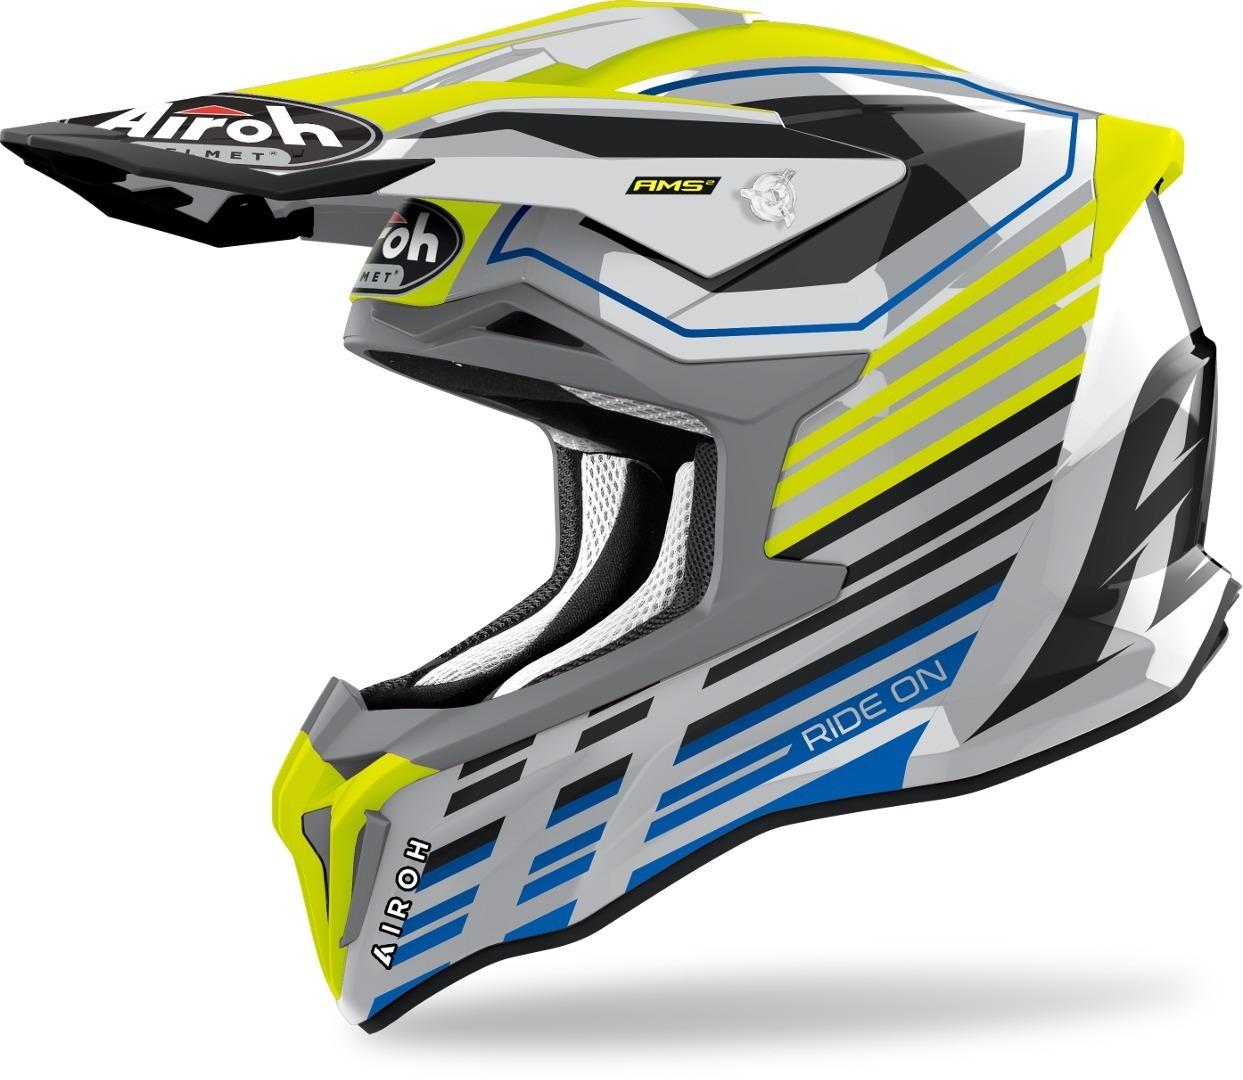 Airoh Strycker Shaded Carbon Motocross Helm, gelb, Größe M, gelb, Größe M